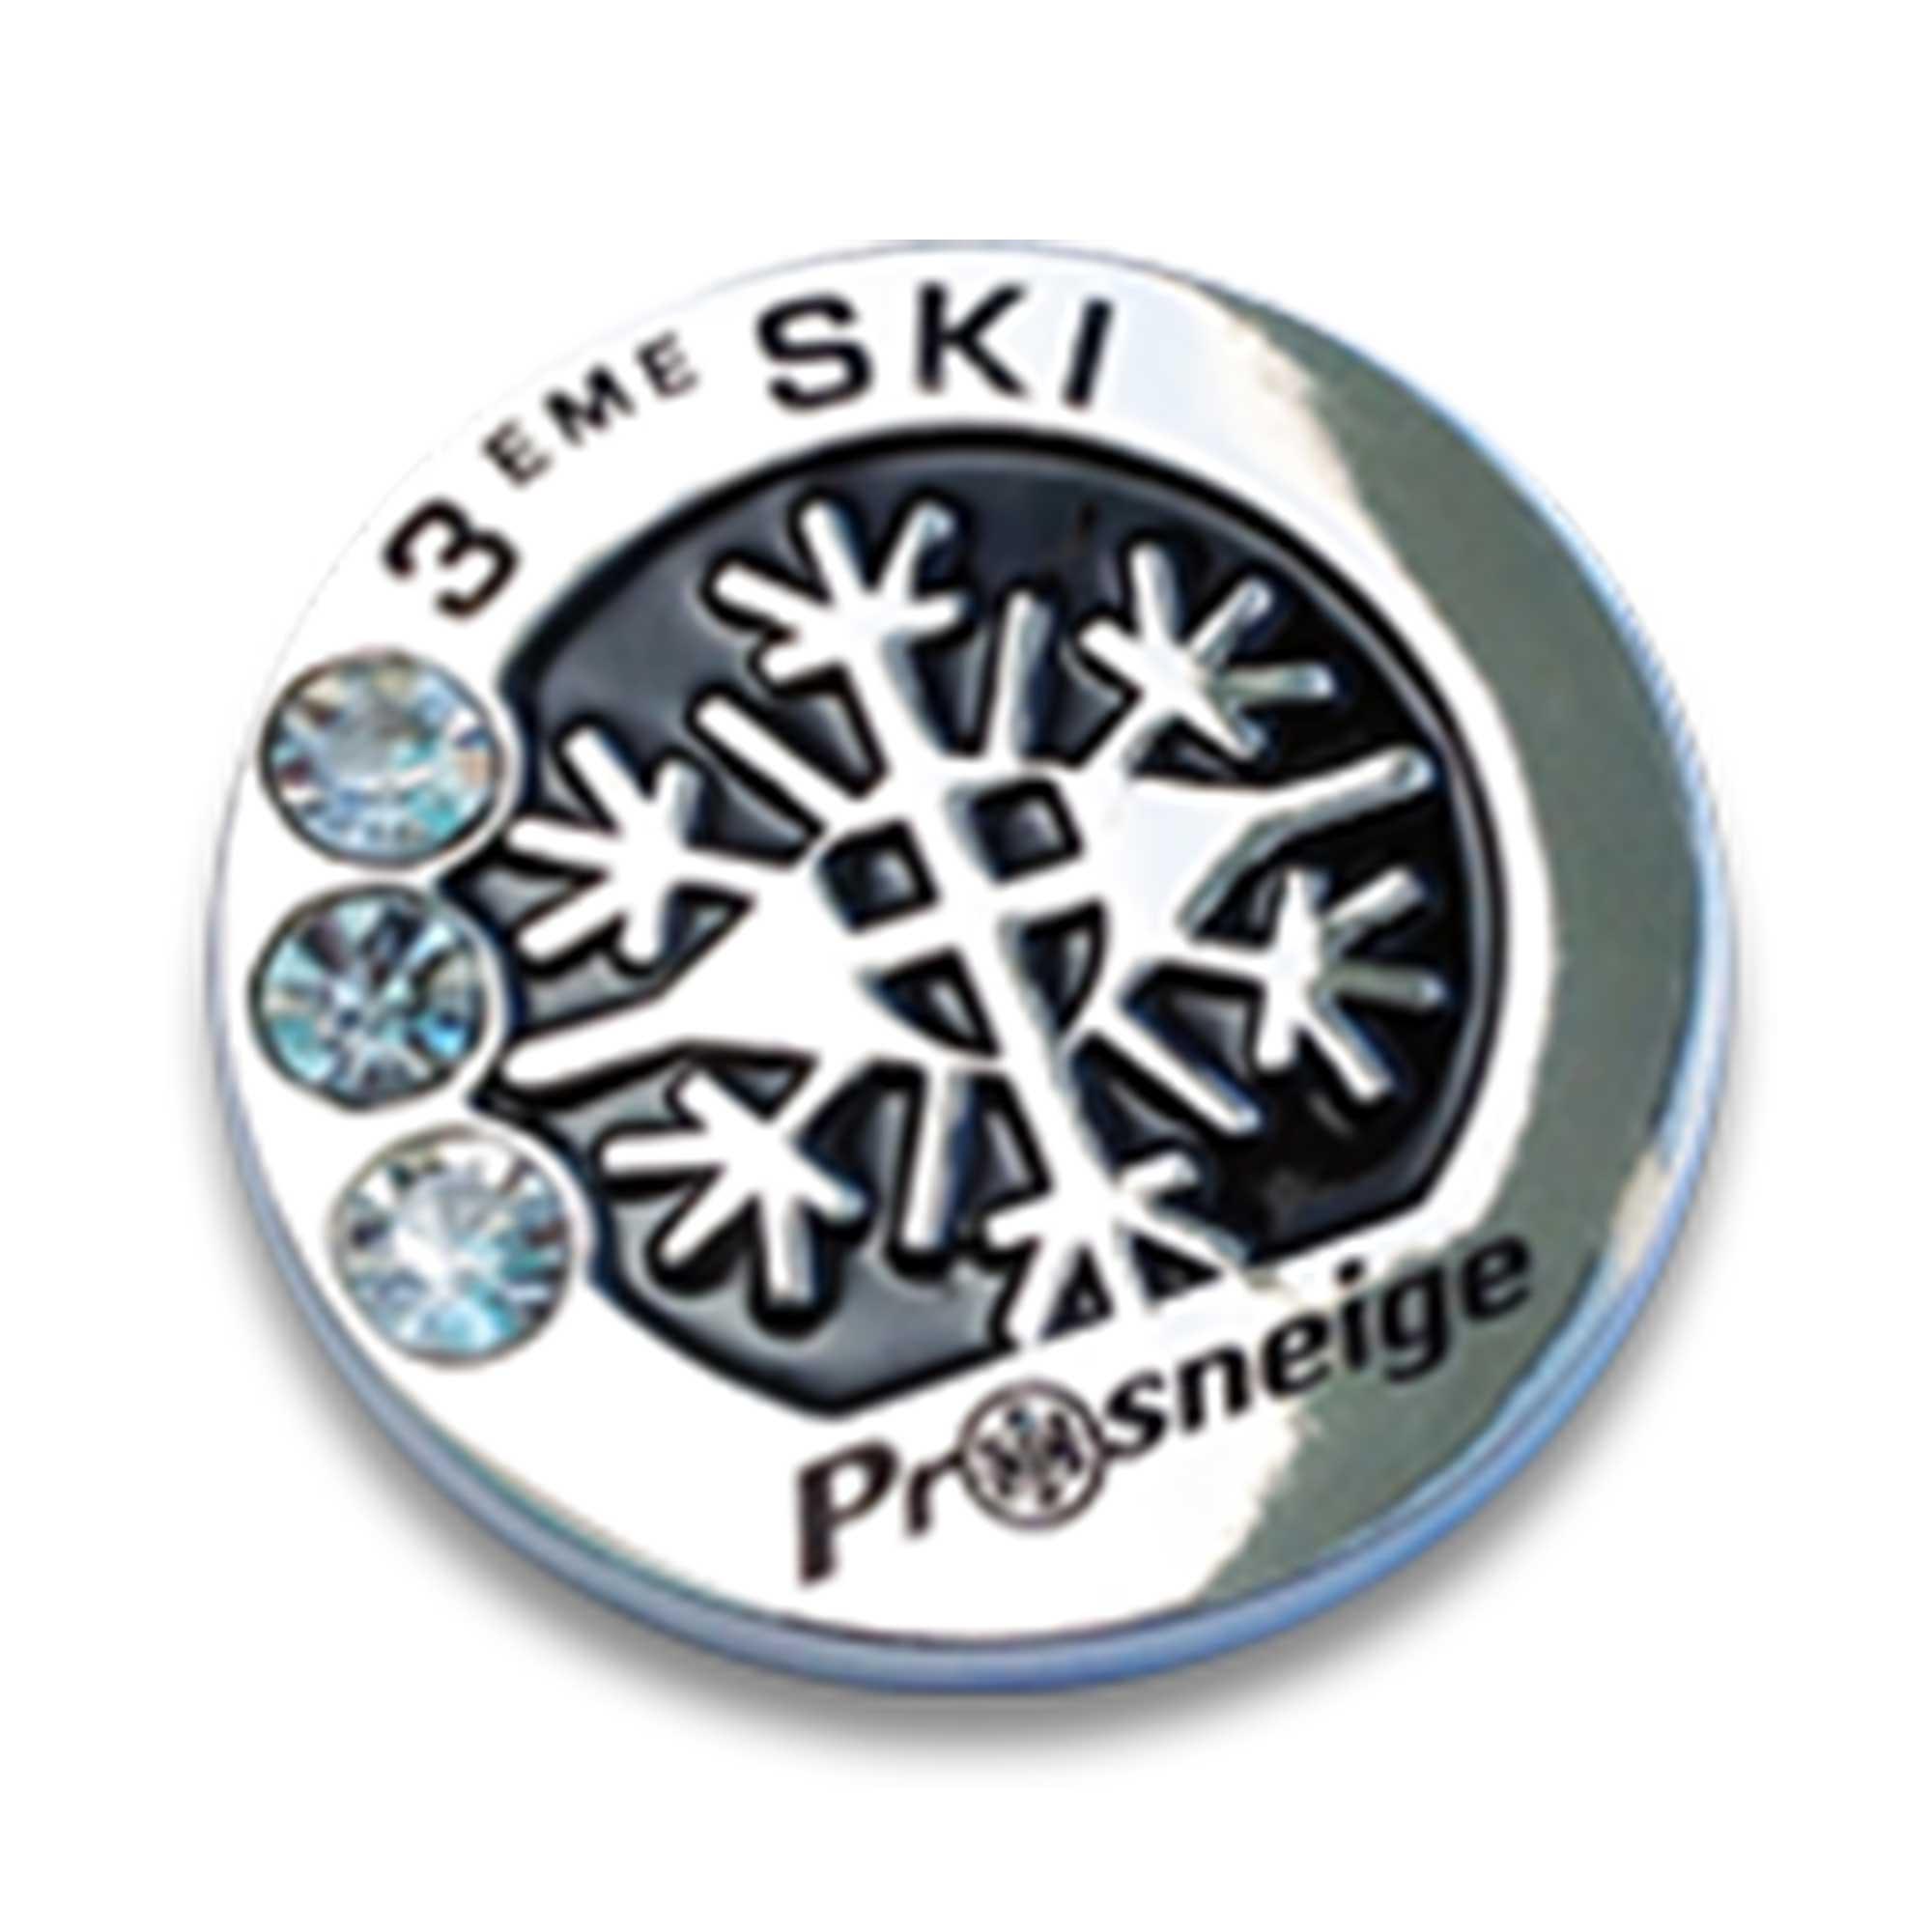 Médaille cours de ski niveau 3 ski